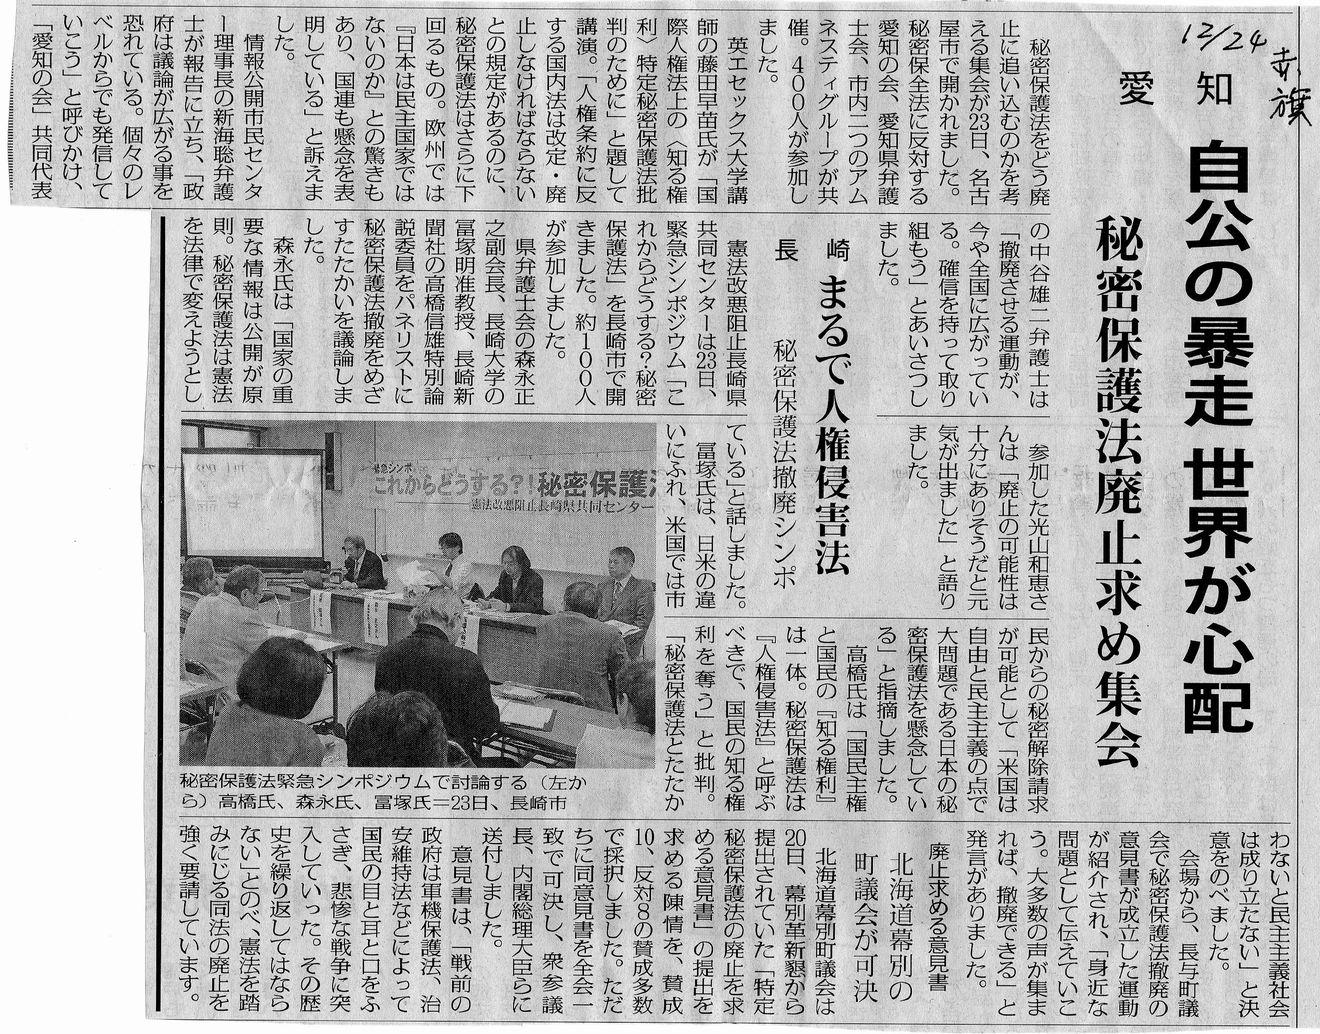 世界の流れに逆行する秘密保護法12・23集会(名古屋)_c0241022_138278.jpg